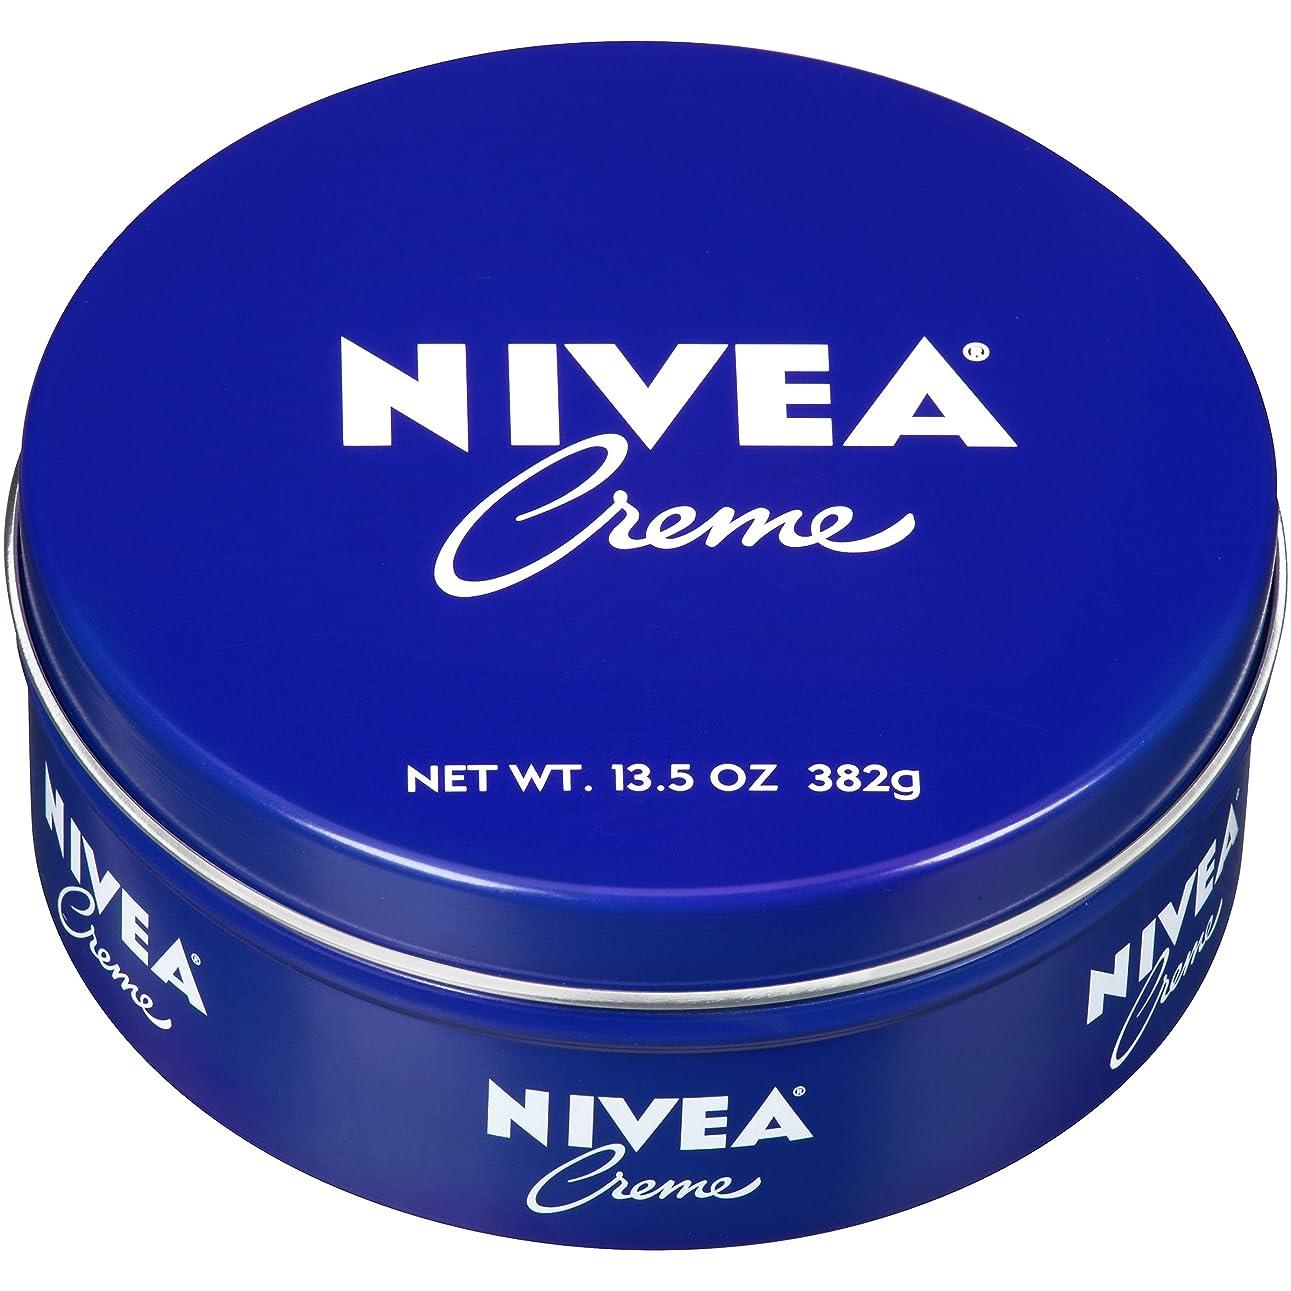 魅力的であることへのアピールしおれた提供されたNIVEA ニベア クリーム 特大サイズ 400g アルミ缶